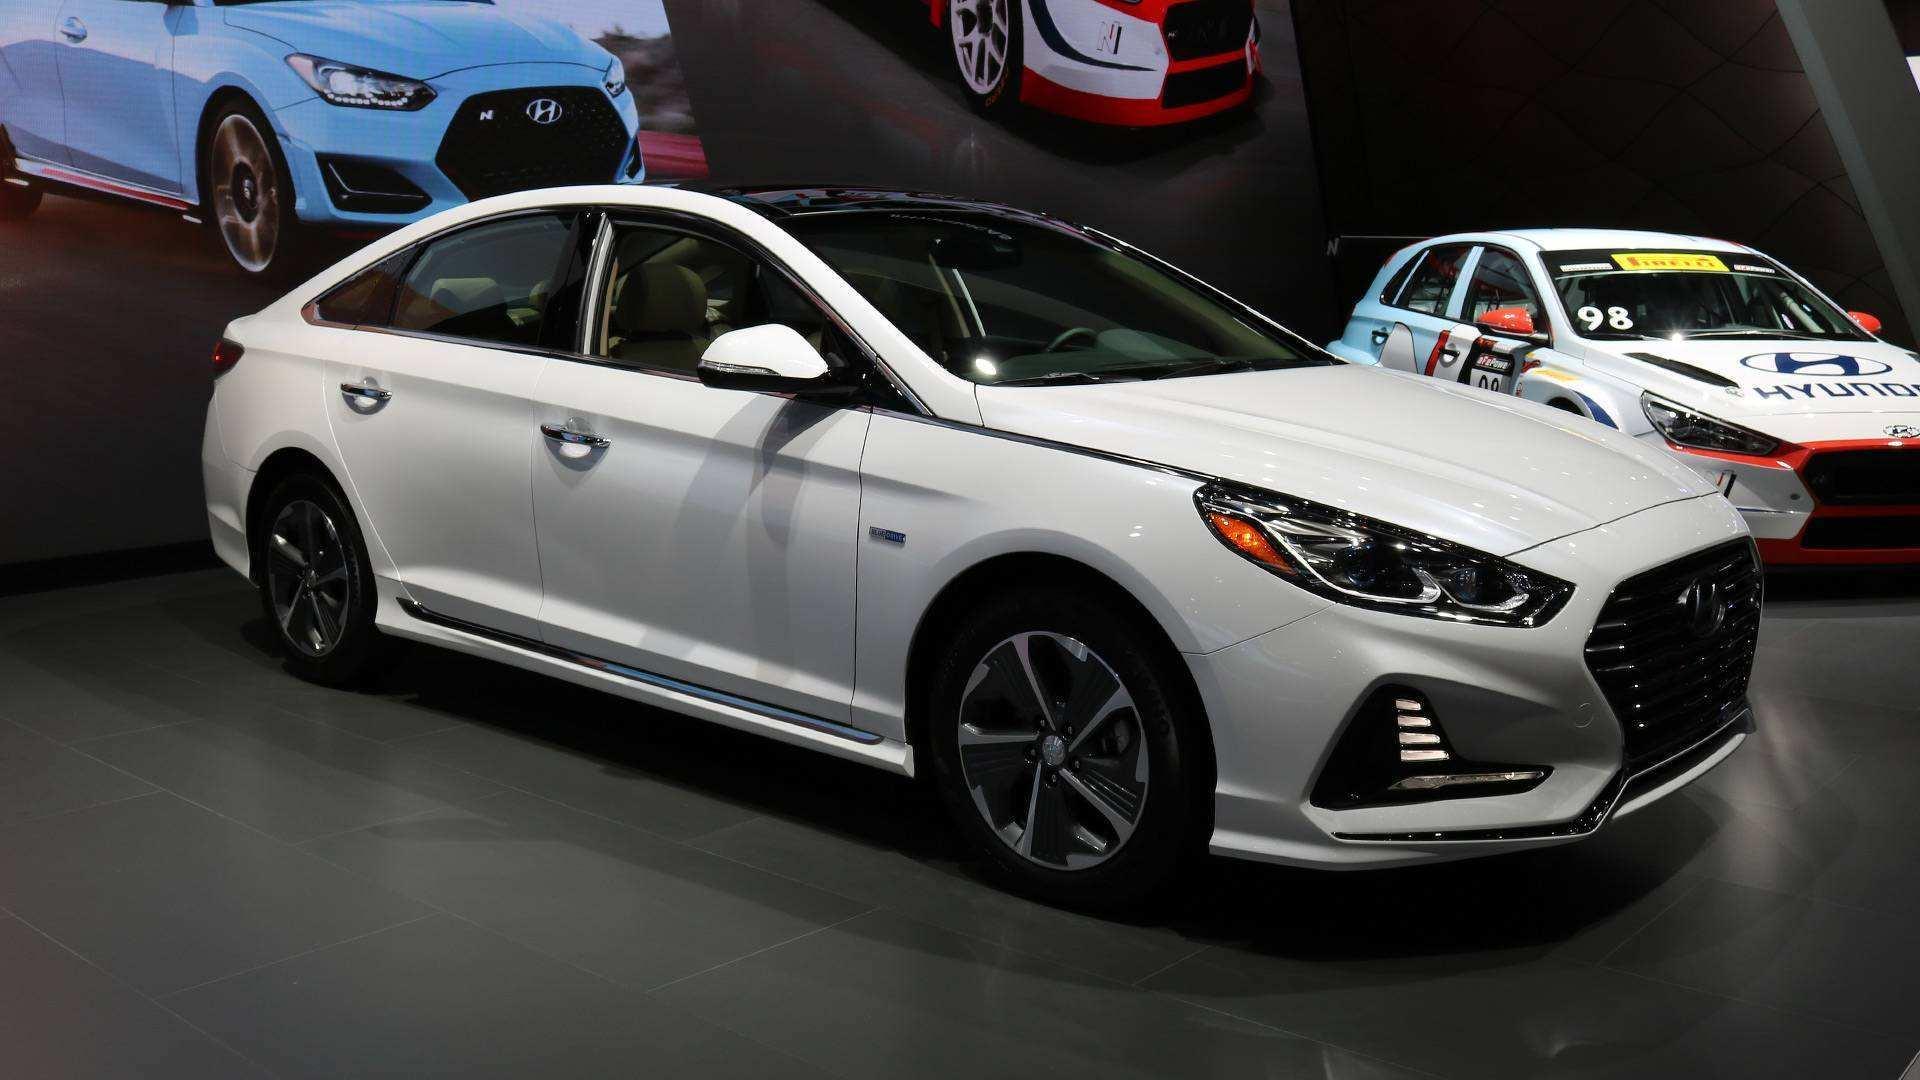 再过两天这款车正式开售!新车比奔驰C都漂亮,预售16.98万!